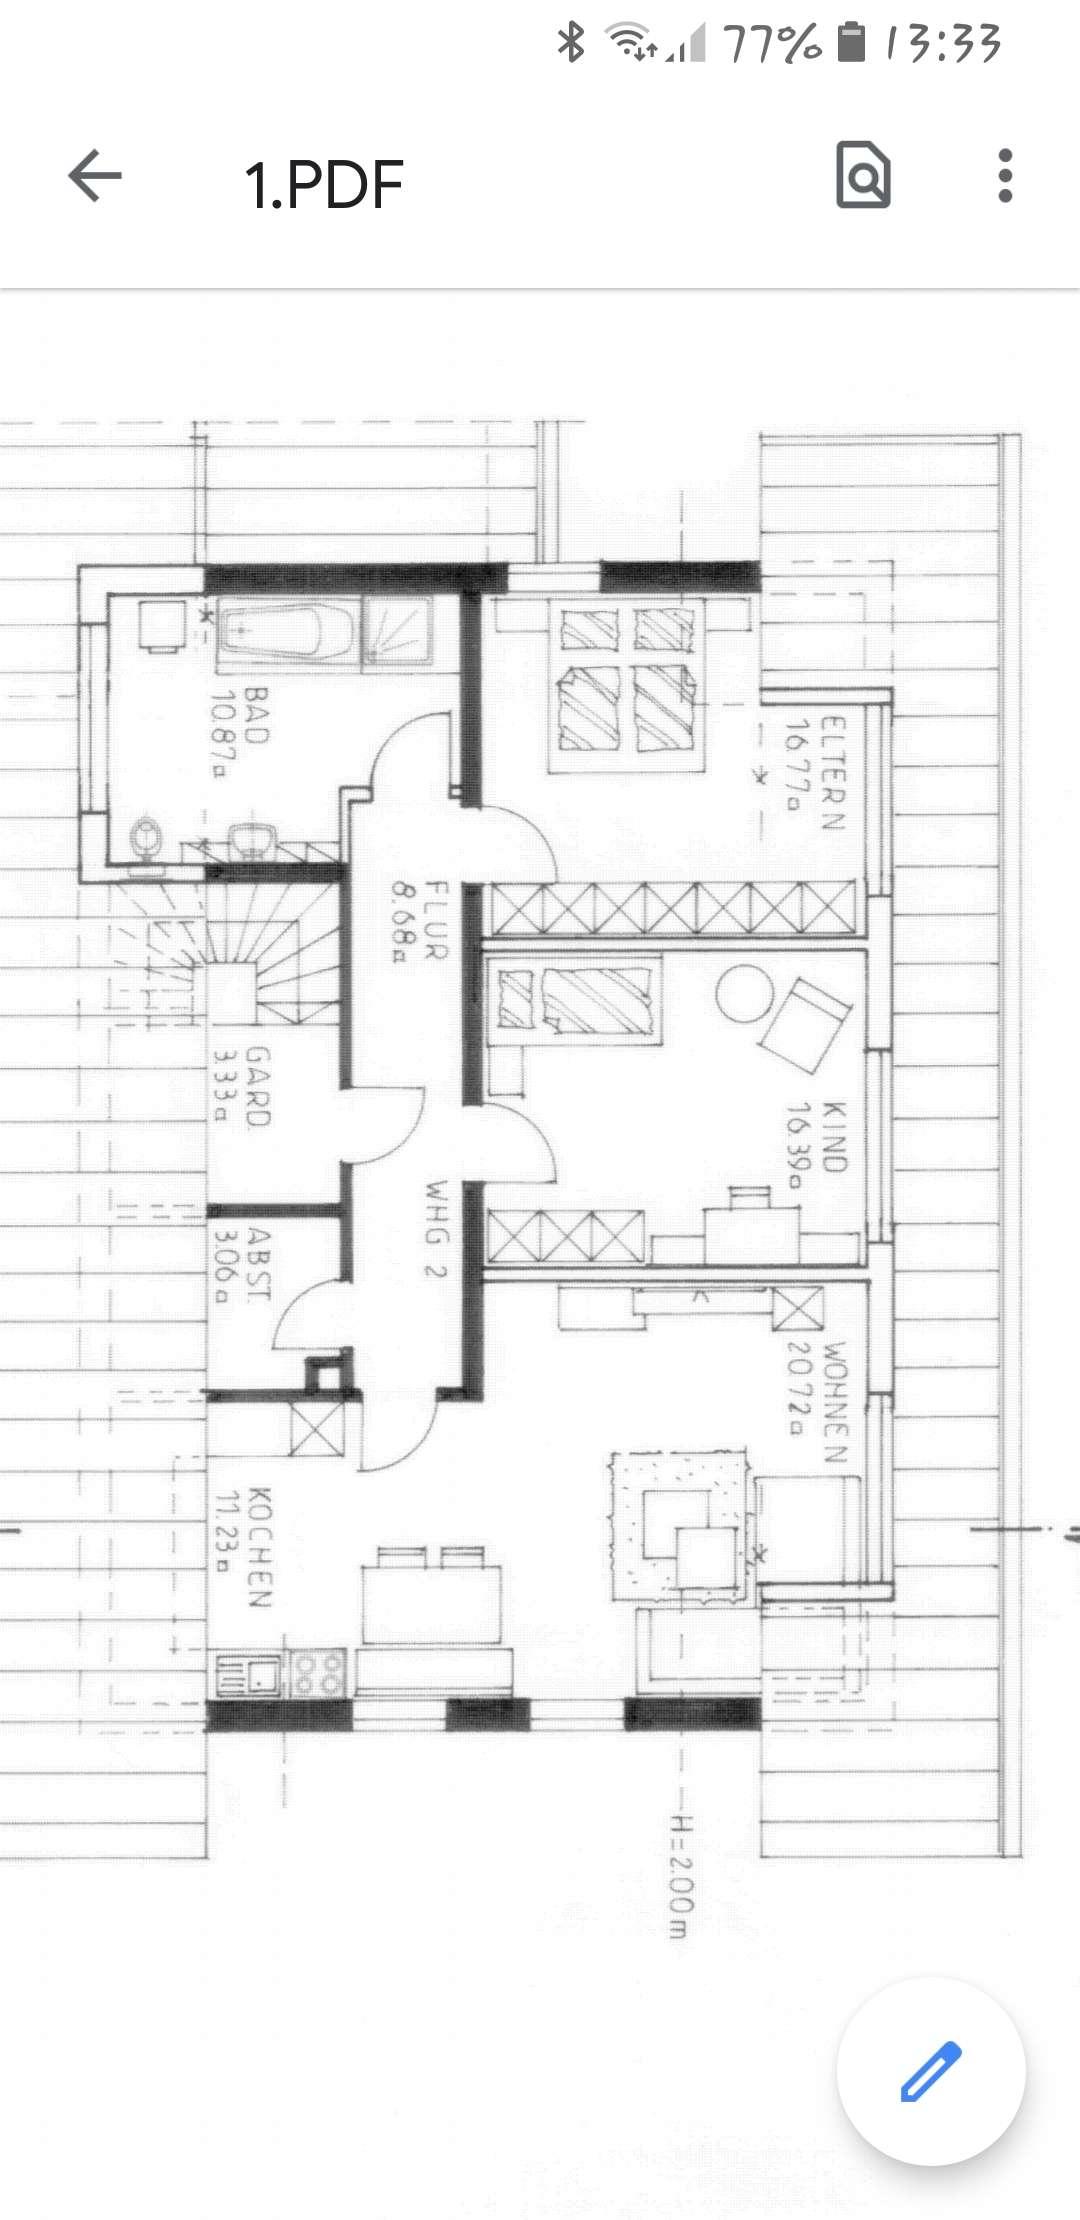 Attraktive, neuwertige 3-Zimmer-Wohnung in Hunderdorf in